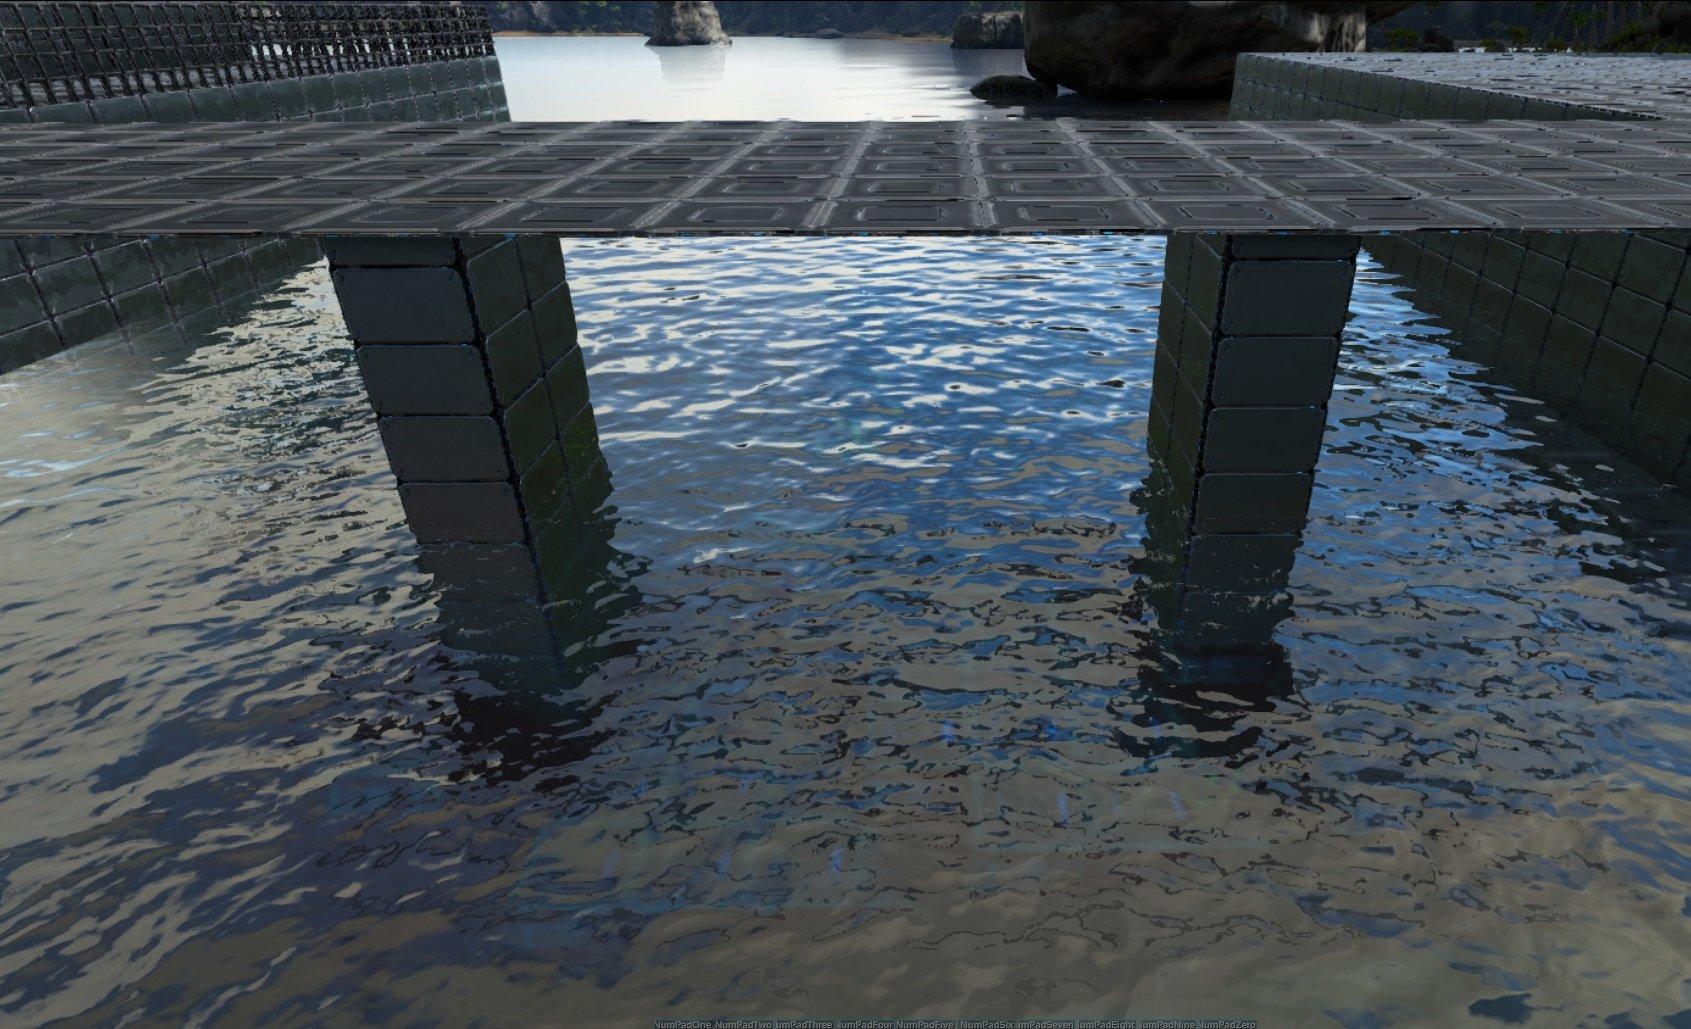 Fabriquer Un Petit Pont De Bois construire des ponts et des bases amphibies - guides - ark